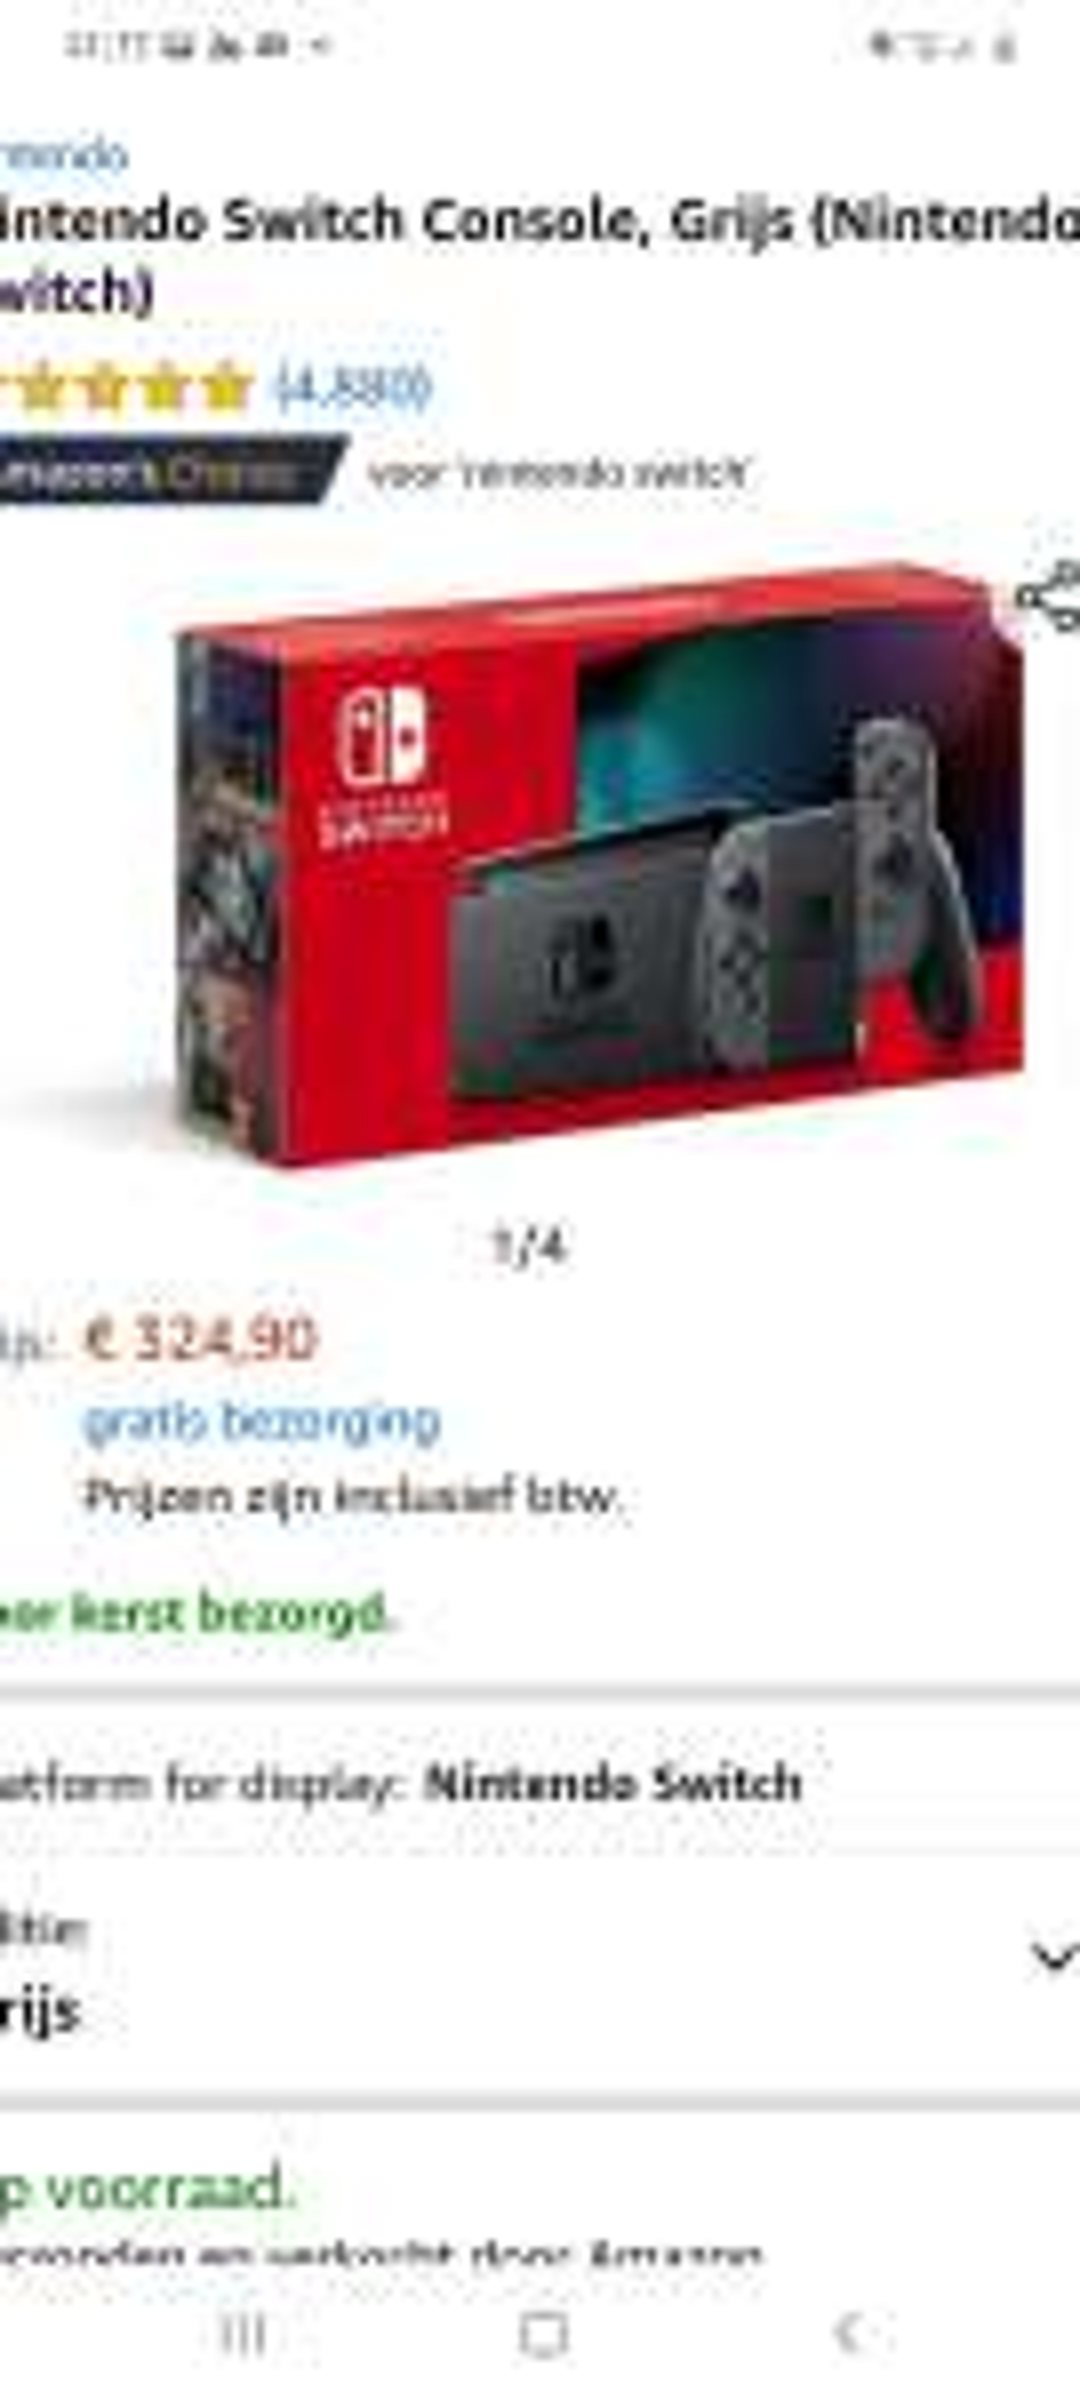 Nintendo switch grijze editie (voor kerst bezorgd)